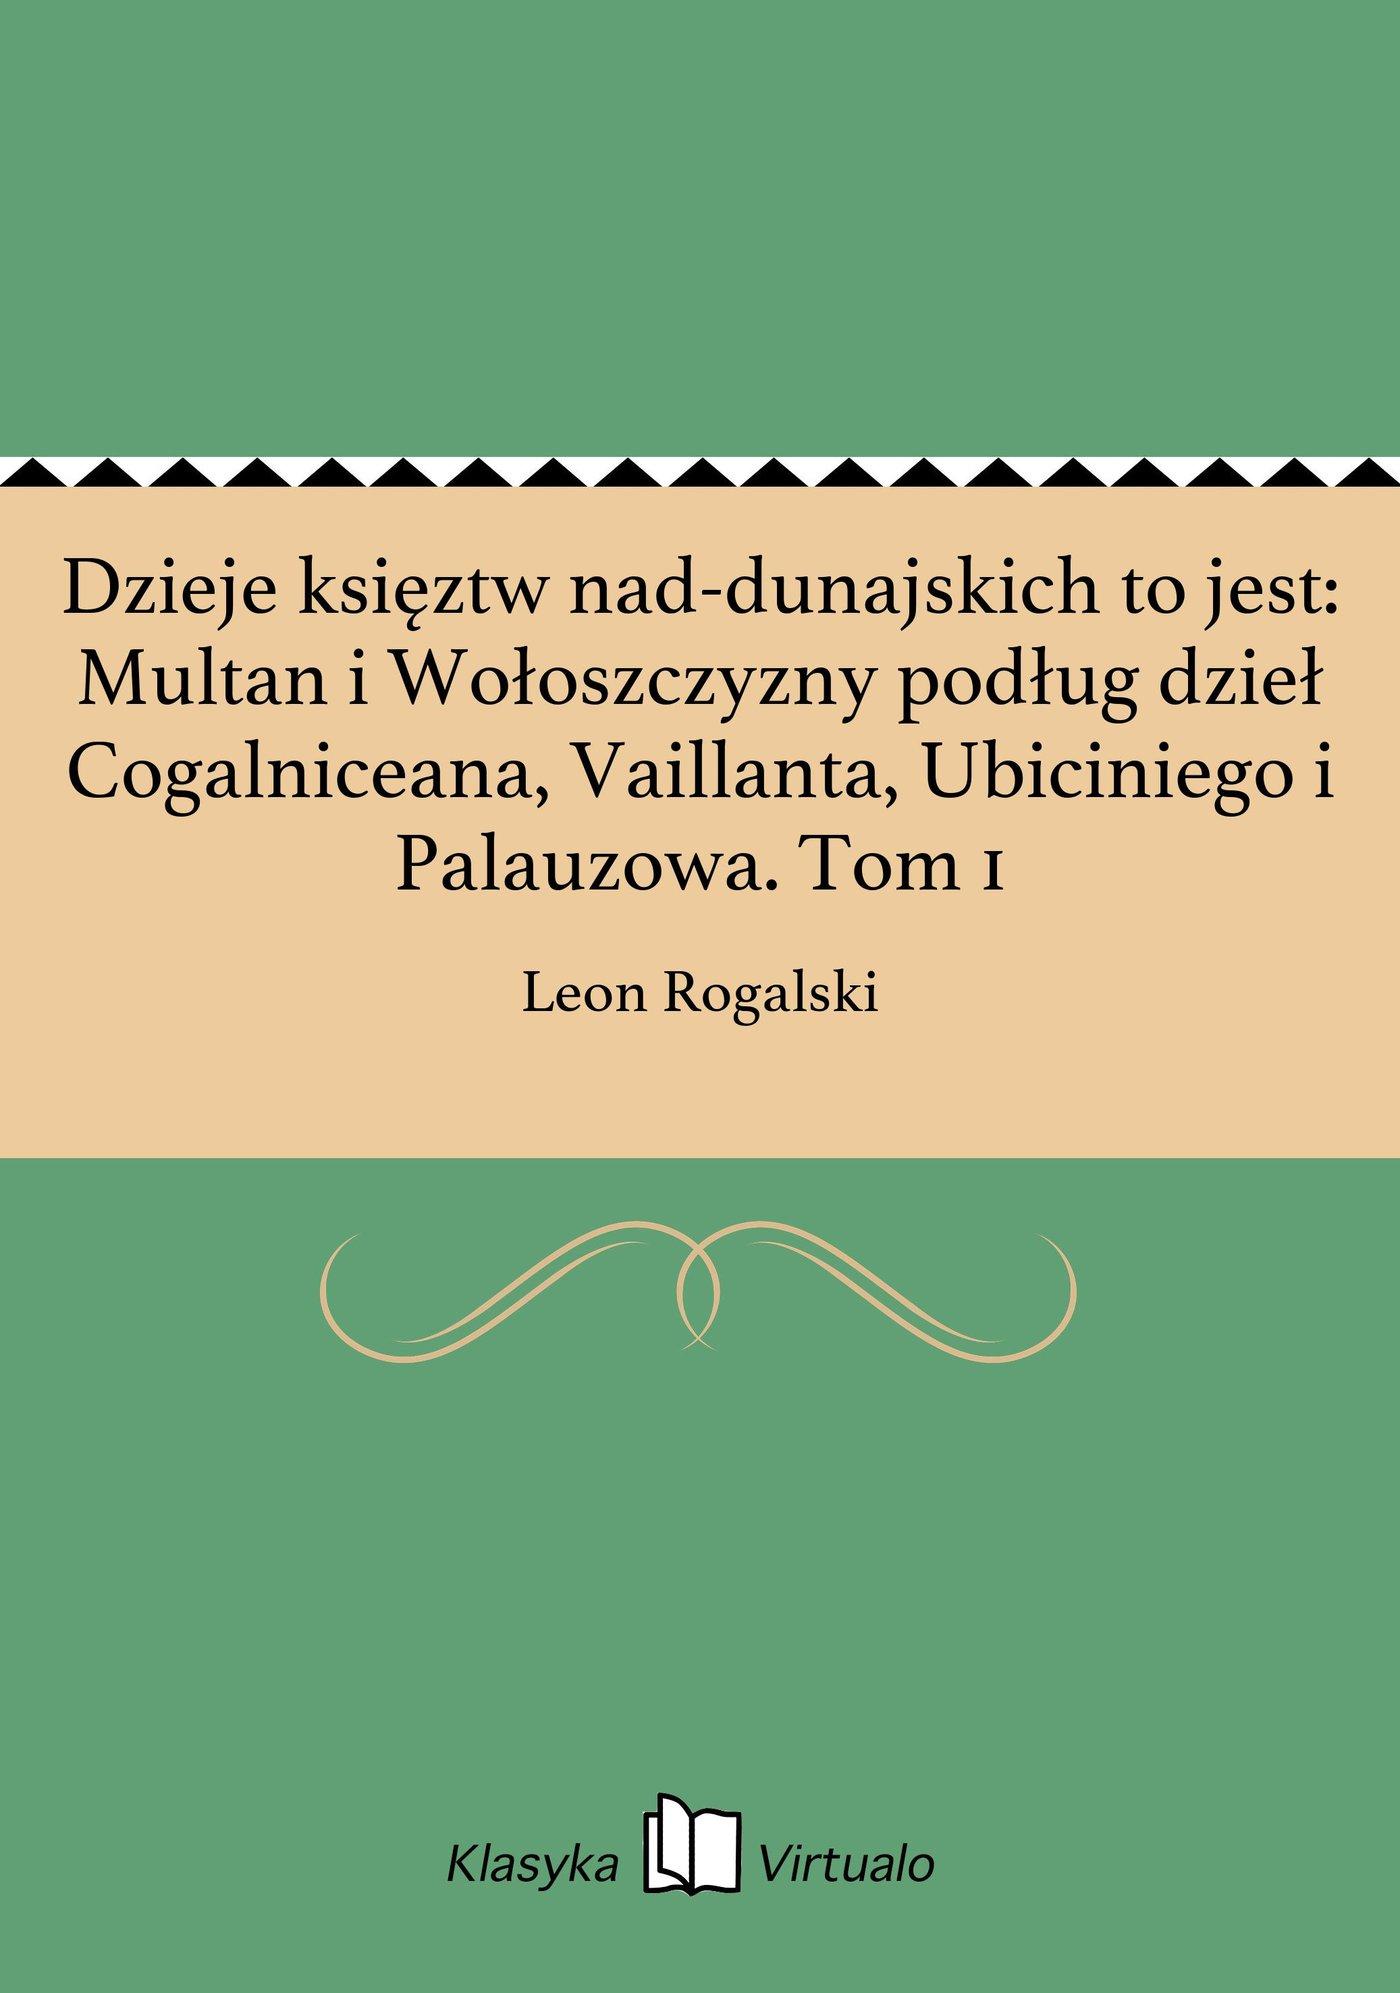 Dzieje księztw nad-dunajskich to jest: Multan i Wołoszczyzny podług dzieł Cogalniceana, Vaillanta, Ubiciniego i Palauzowa. Tom 1 - Ebook (Książka EPUB) do pobrania w formacie EPUB